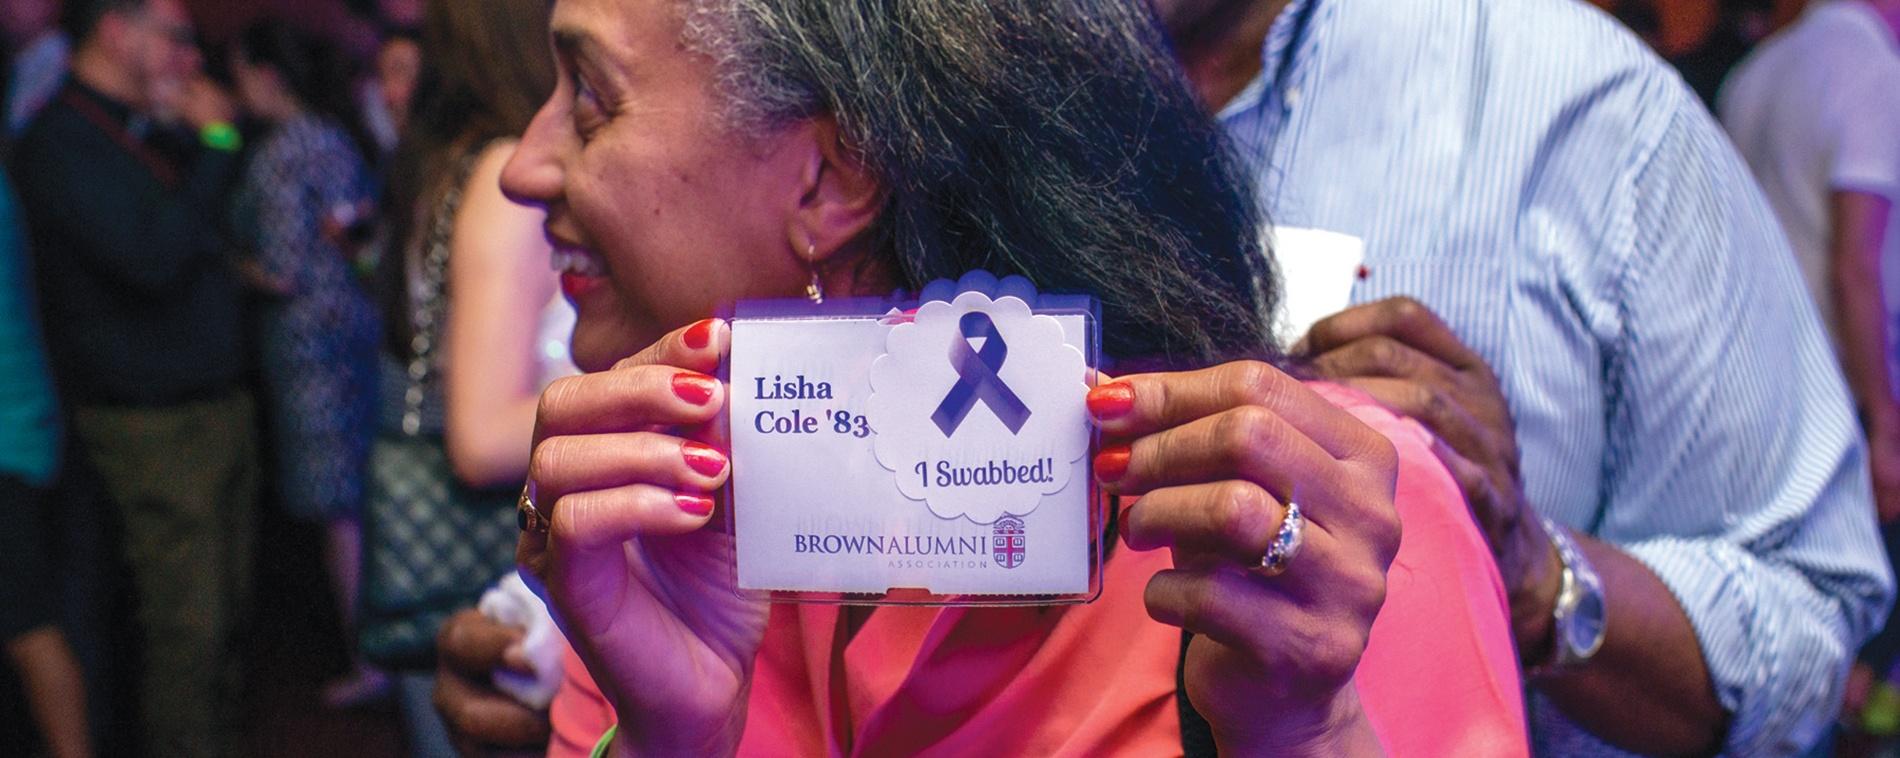 Photo: Lisha Cole '83 swabbed